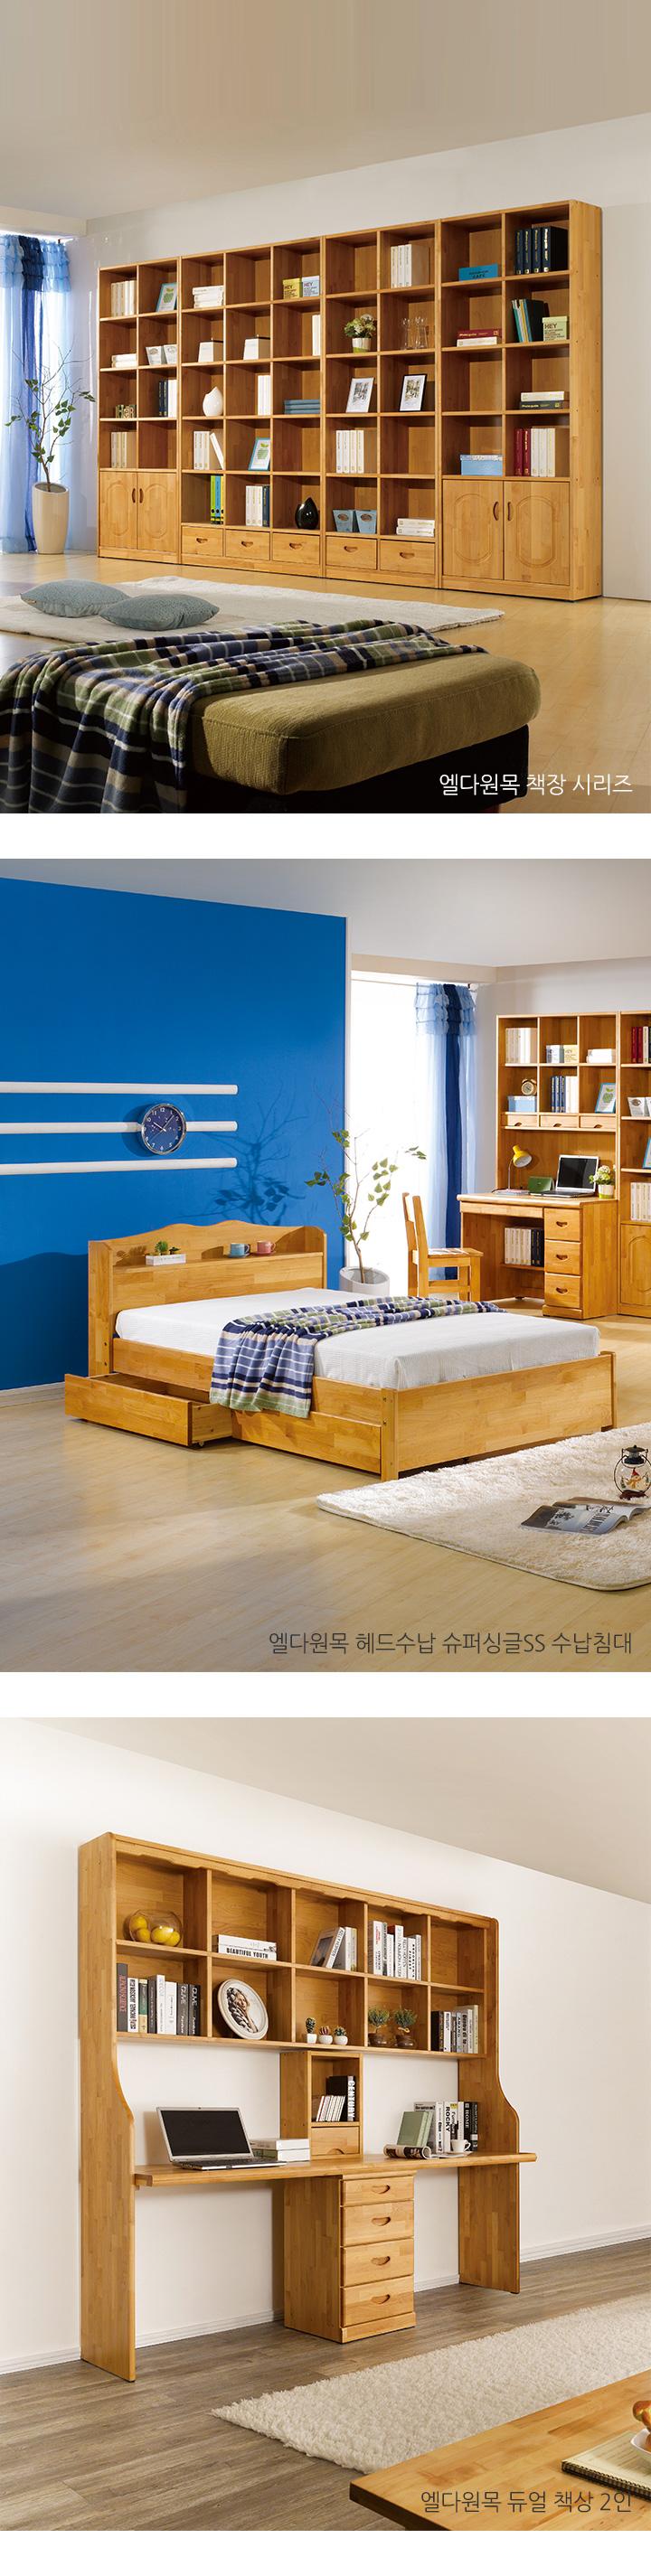 듀조 엘다원목 2층 침대 A타입 - 인우드, 1,554,670원, 침대, 이층침대